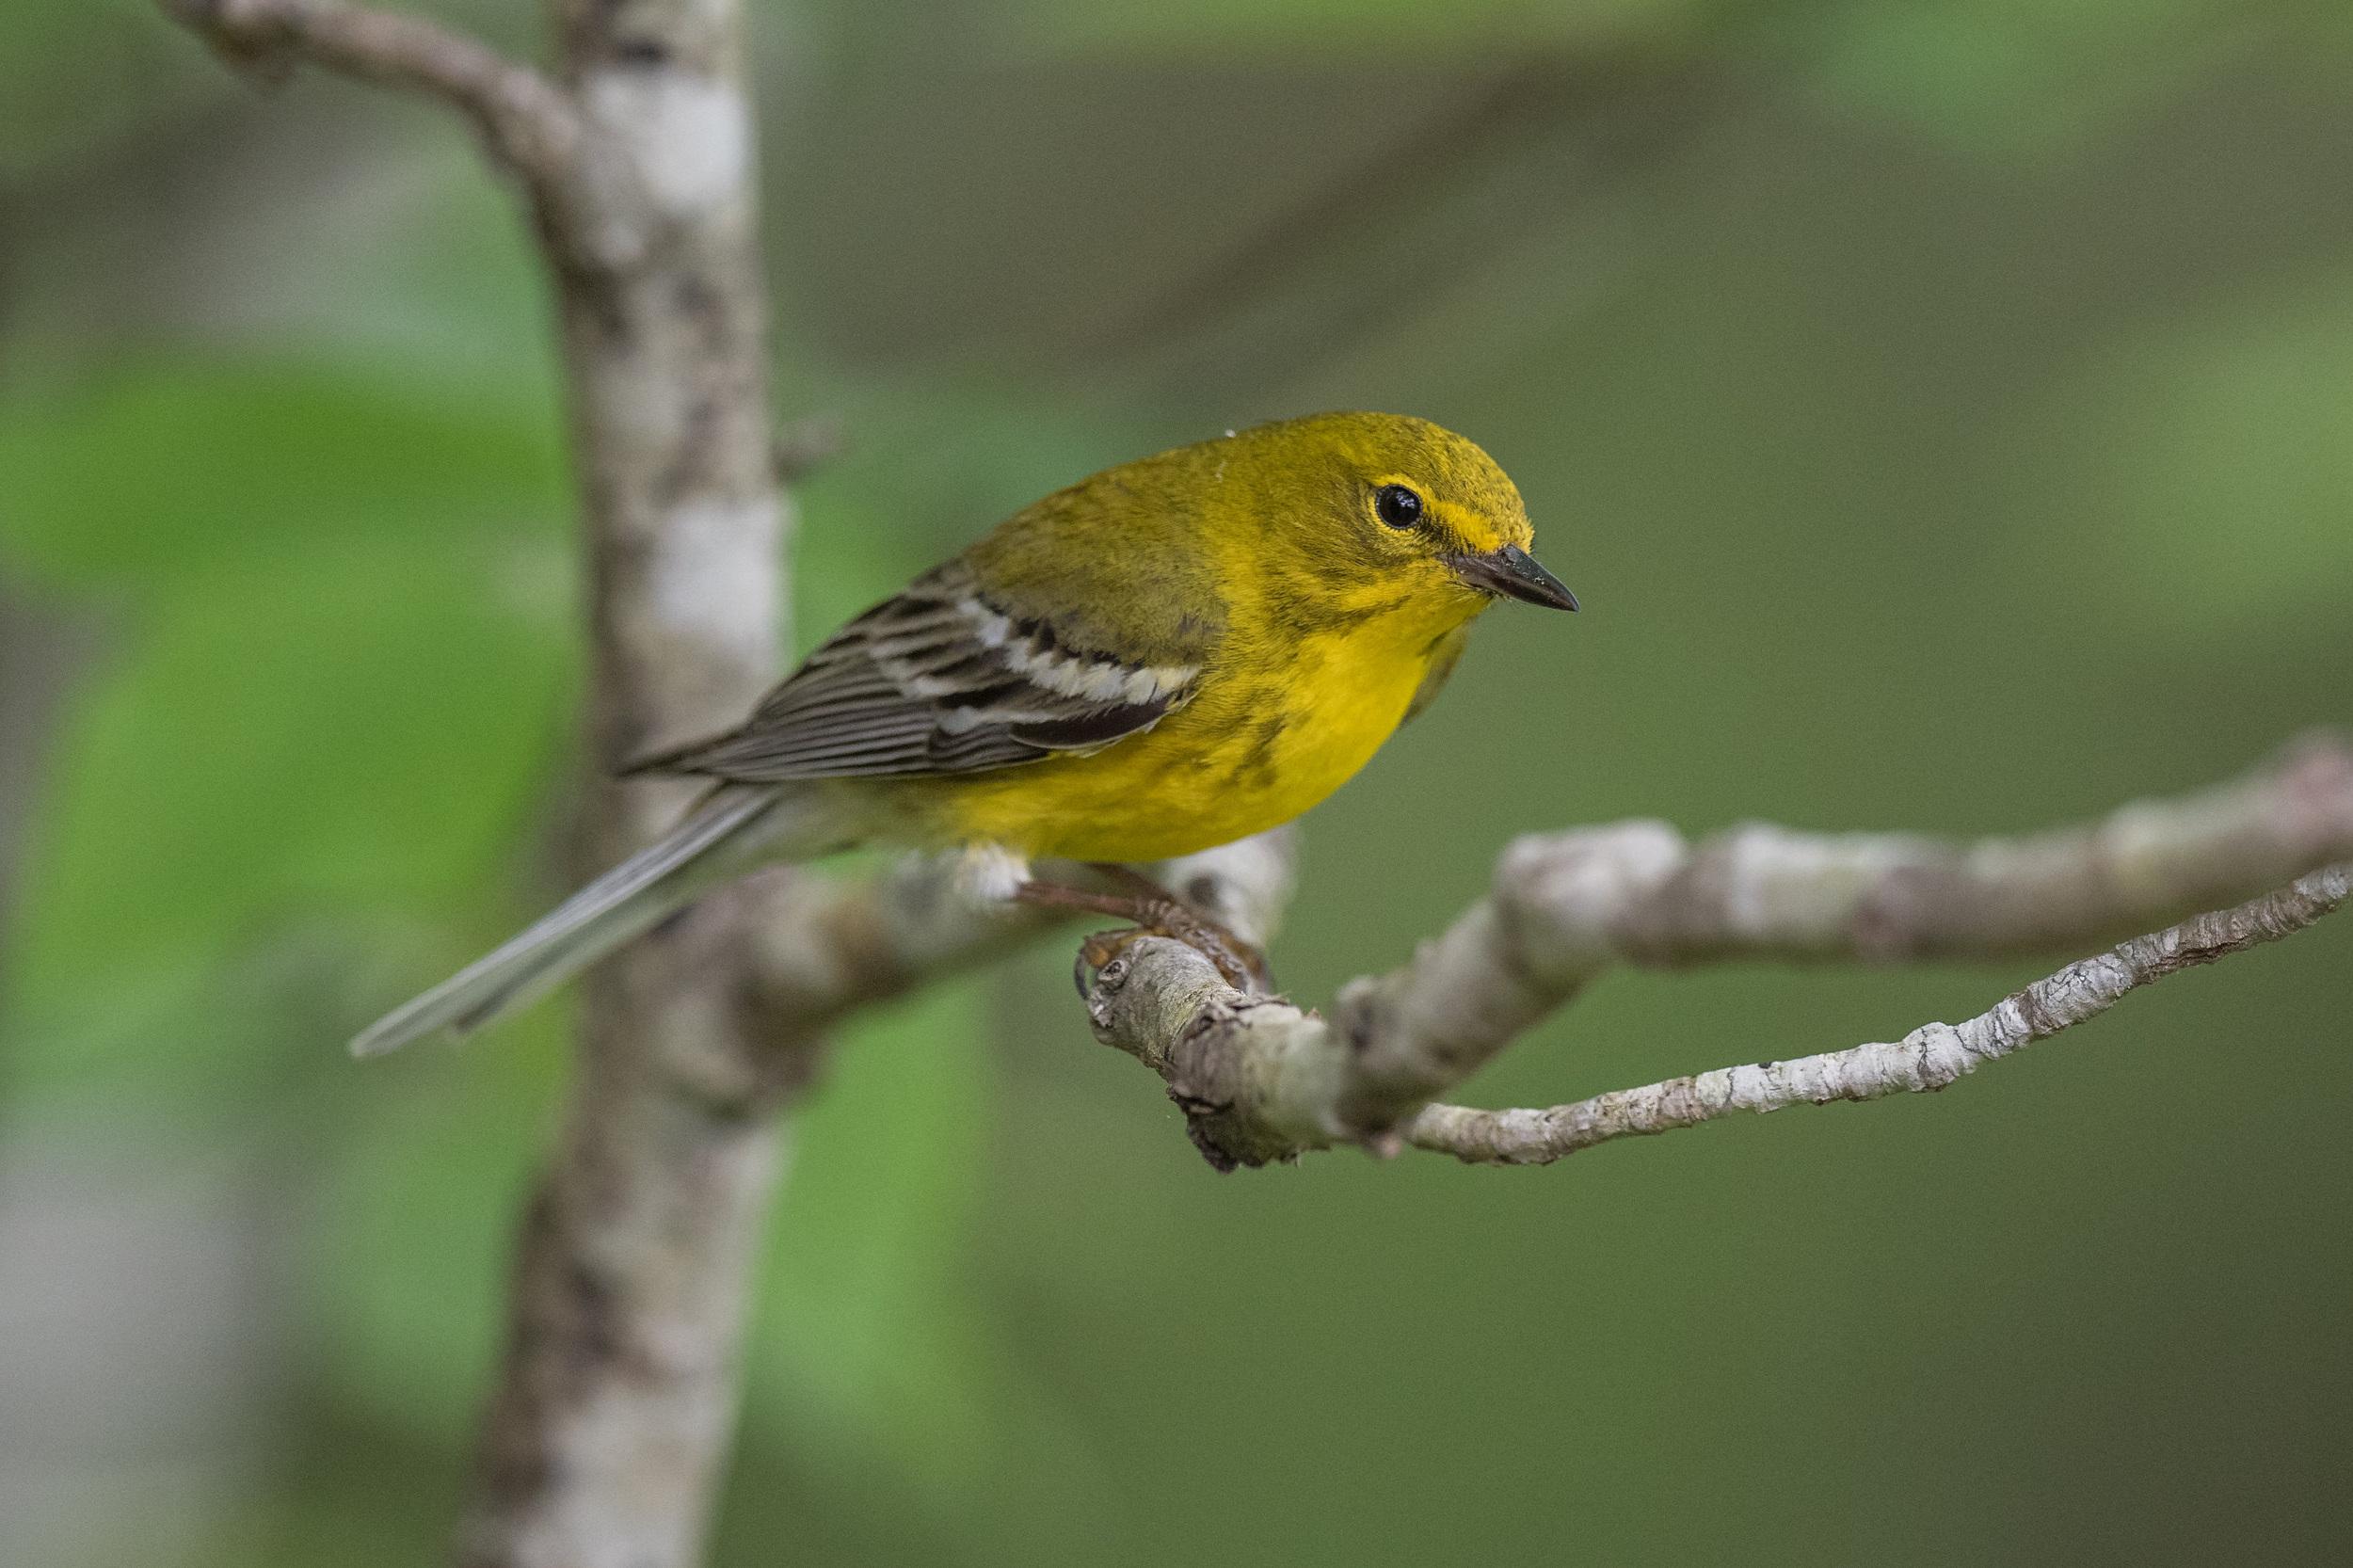 Pine Warbler (Setophaga pinus), Red River Gorge - Rock Bridge Road, WOL (KY)